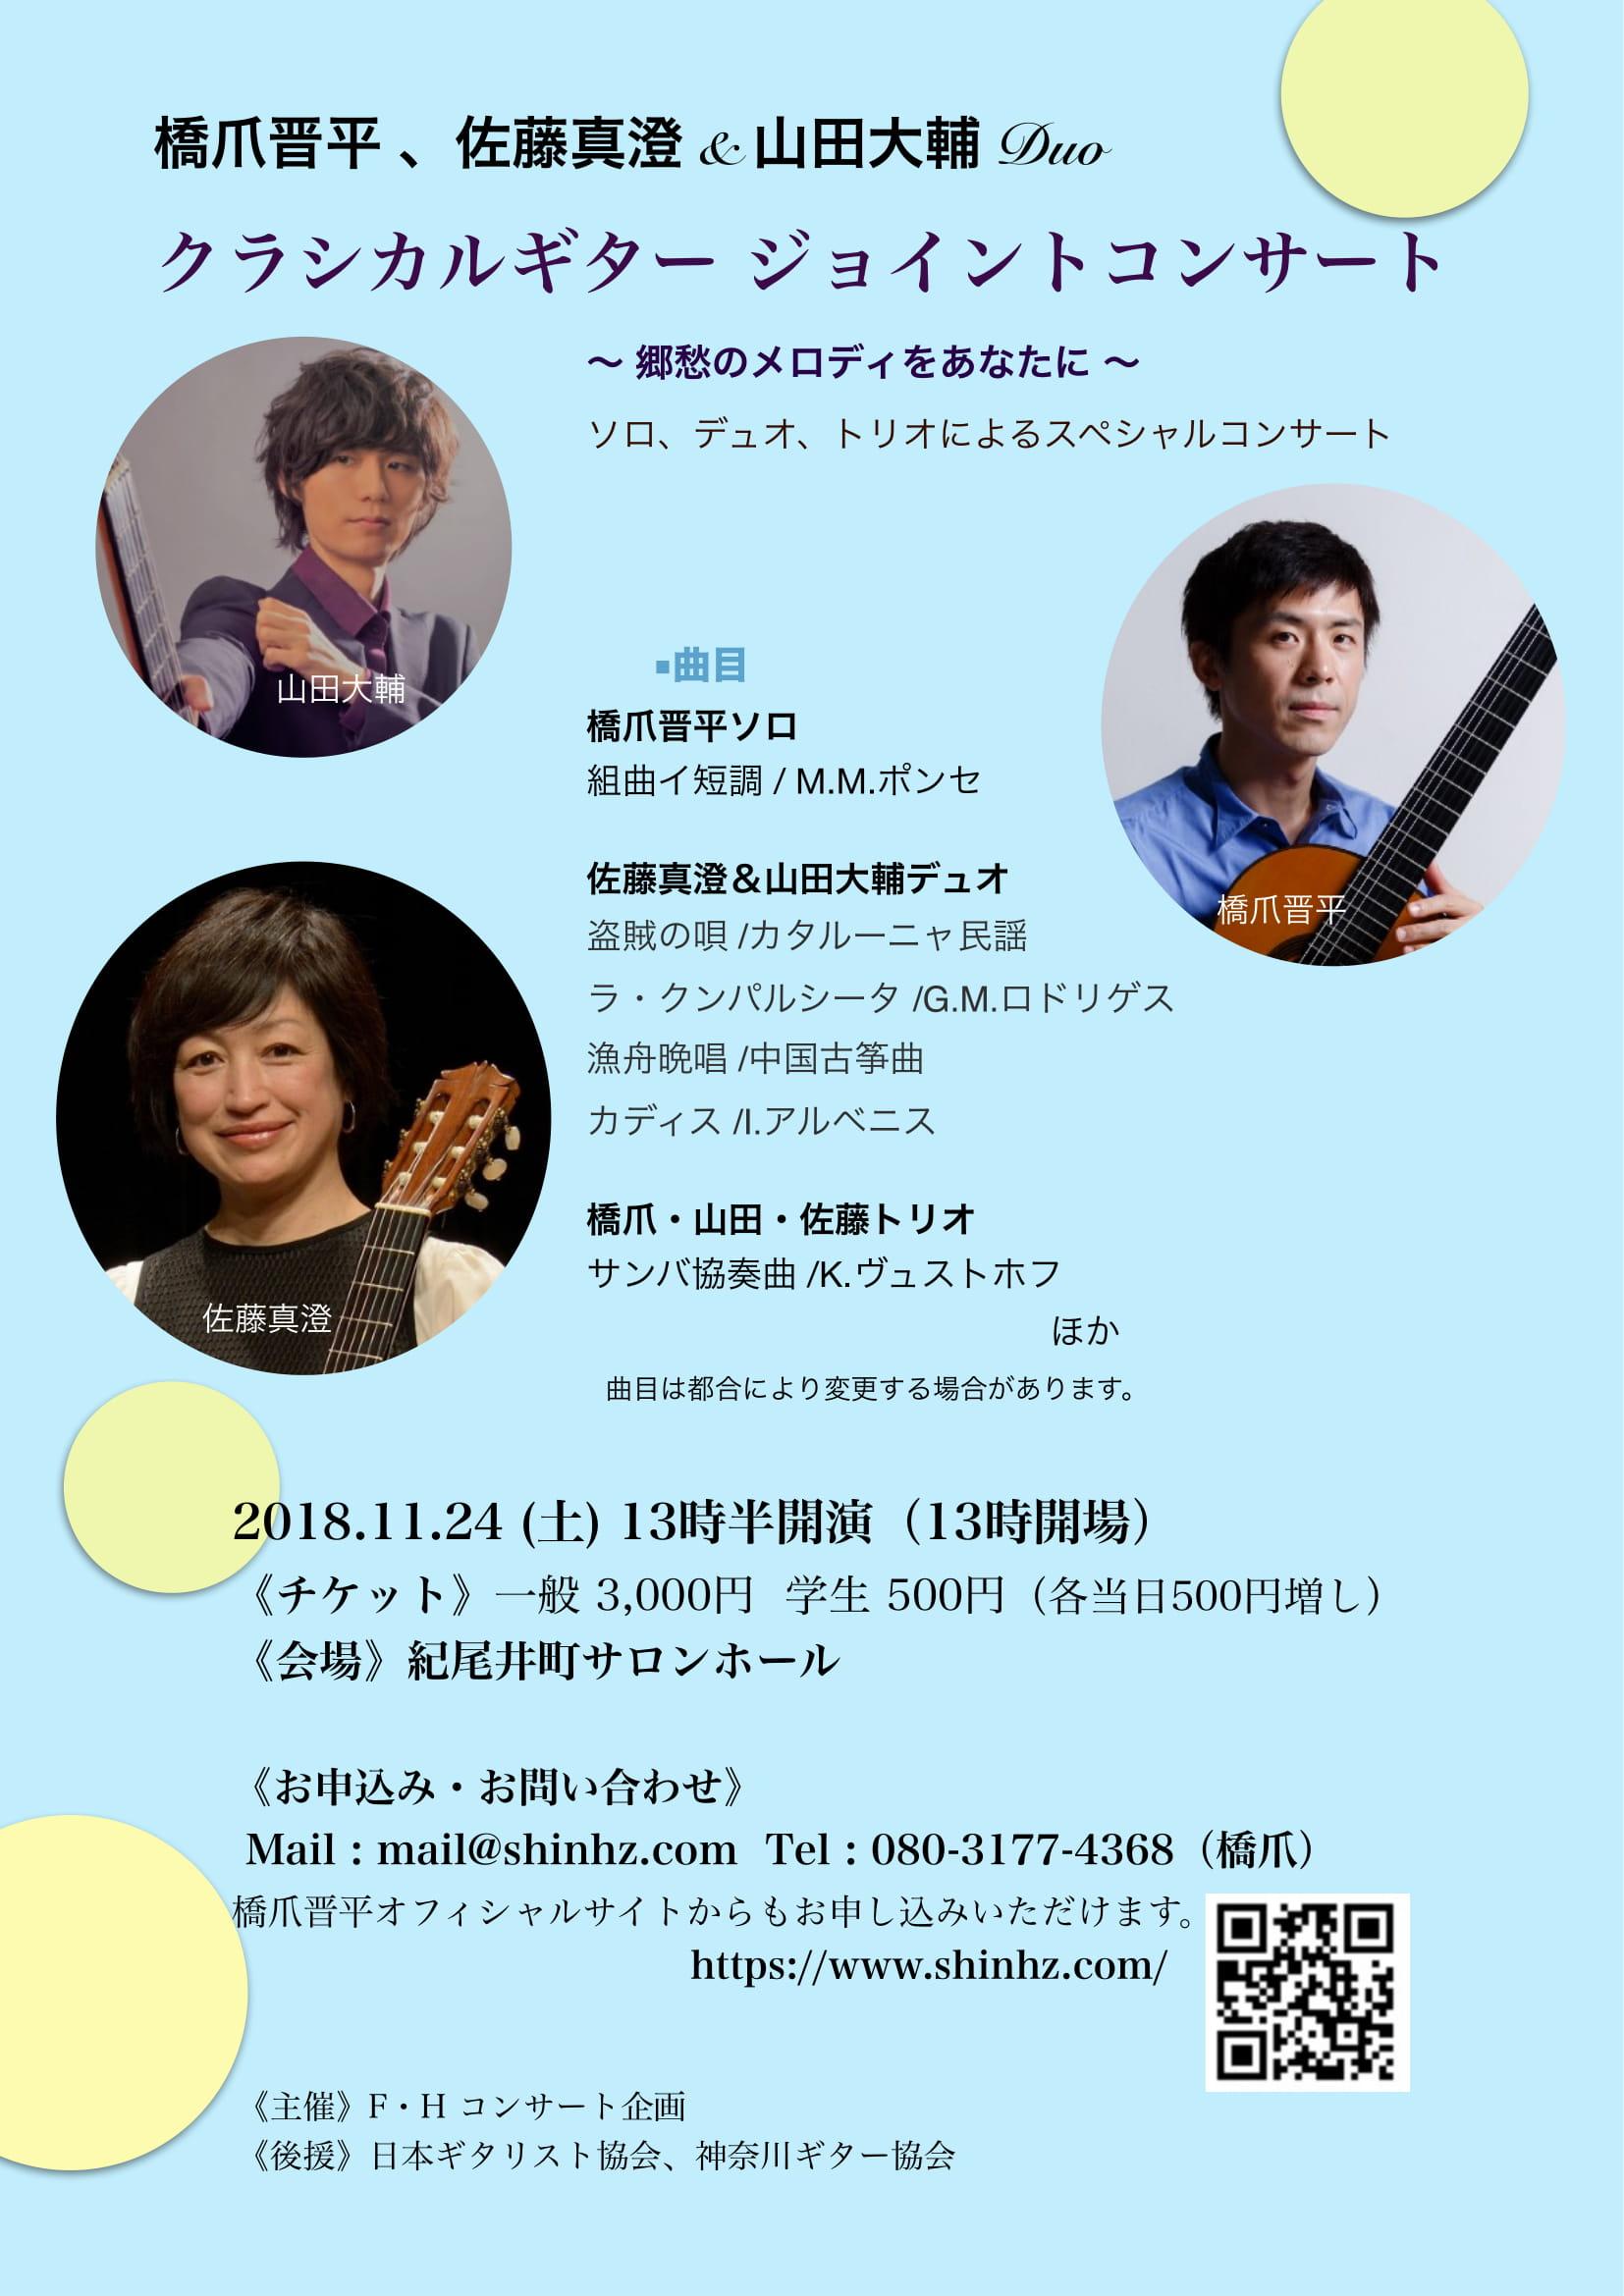 クラシカルギター ジョイントコンサート